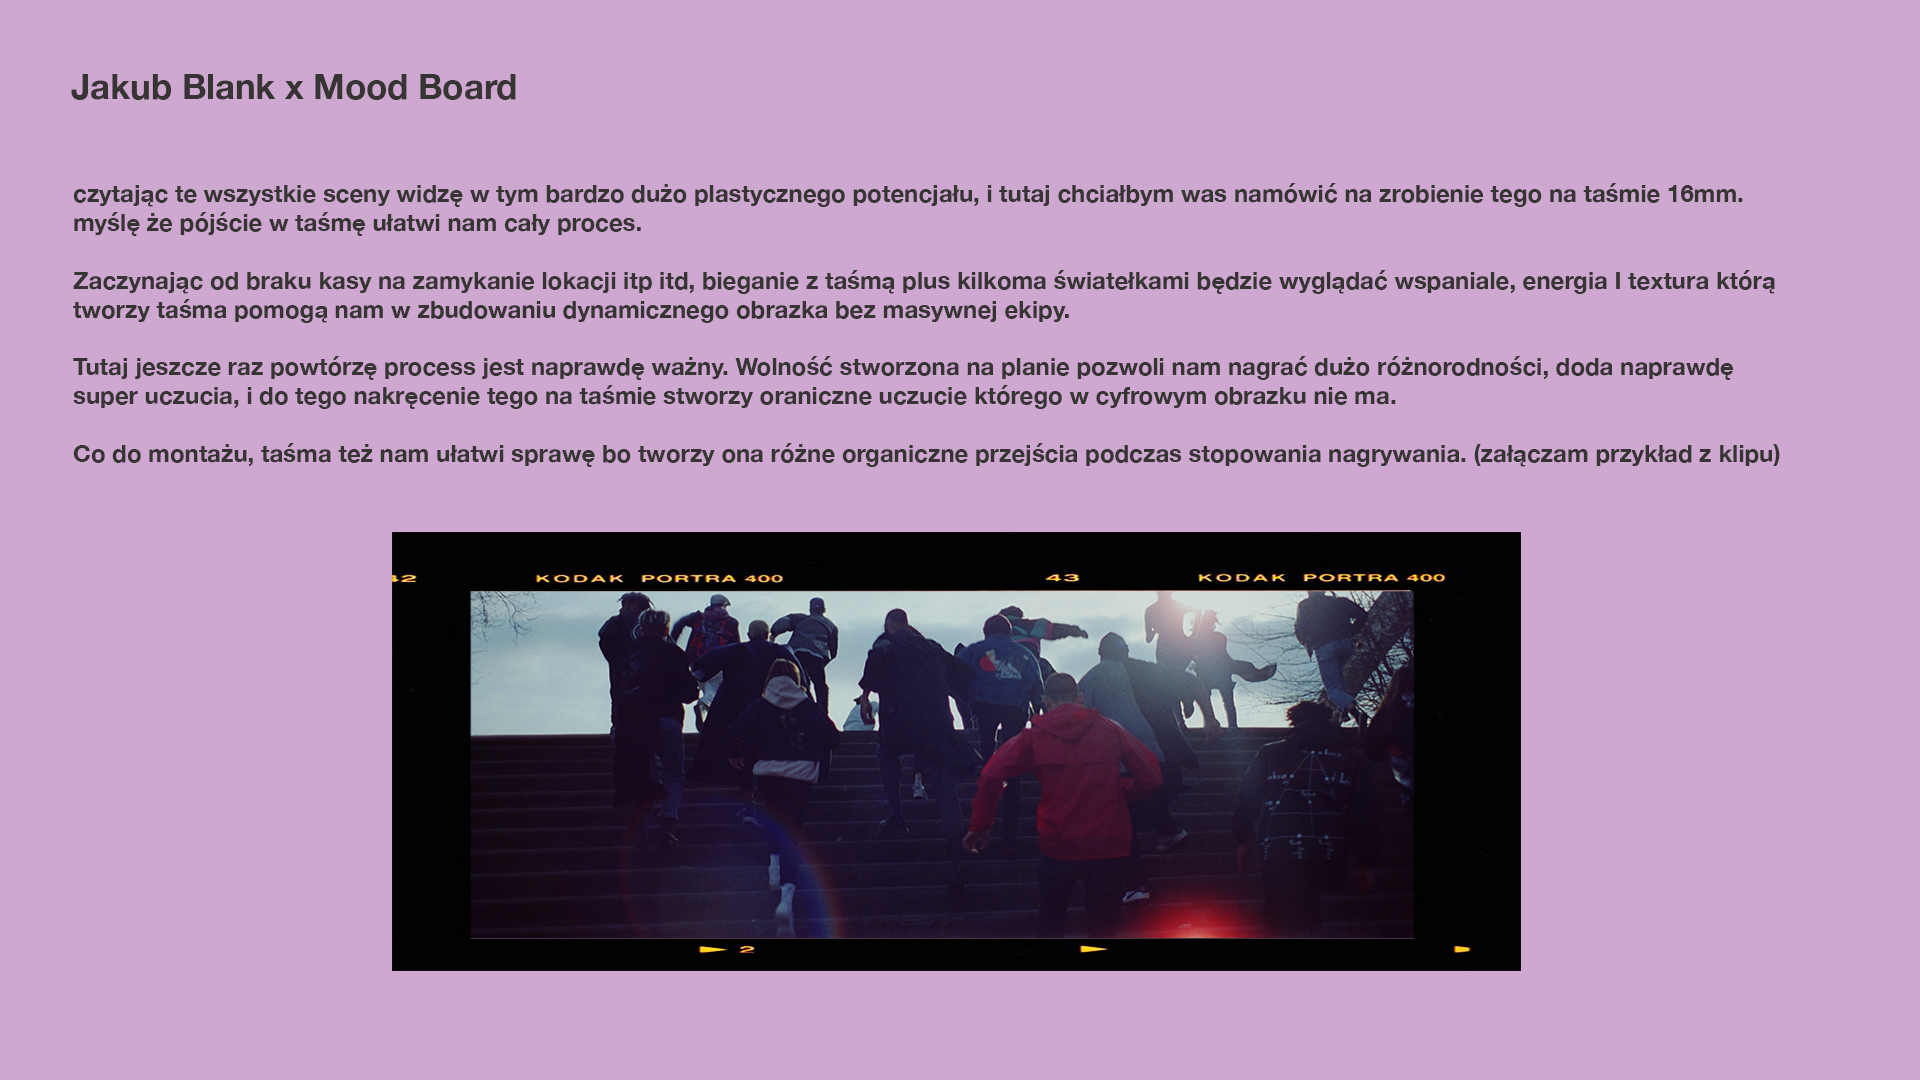 GOING_MOODArtboard 1 copy 2.jpg